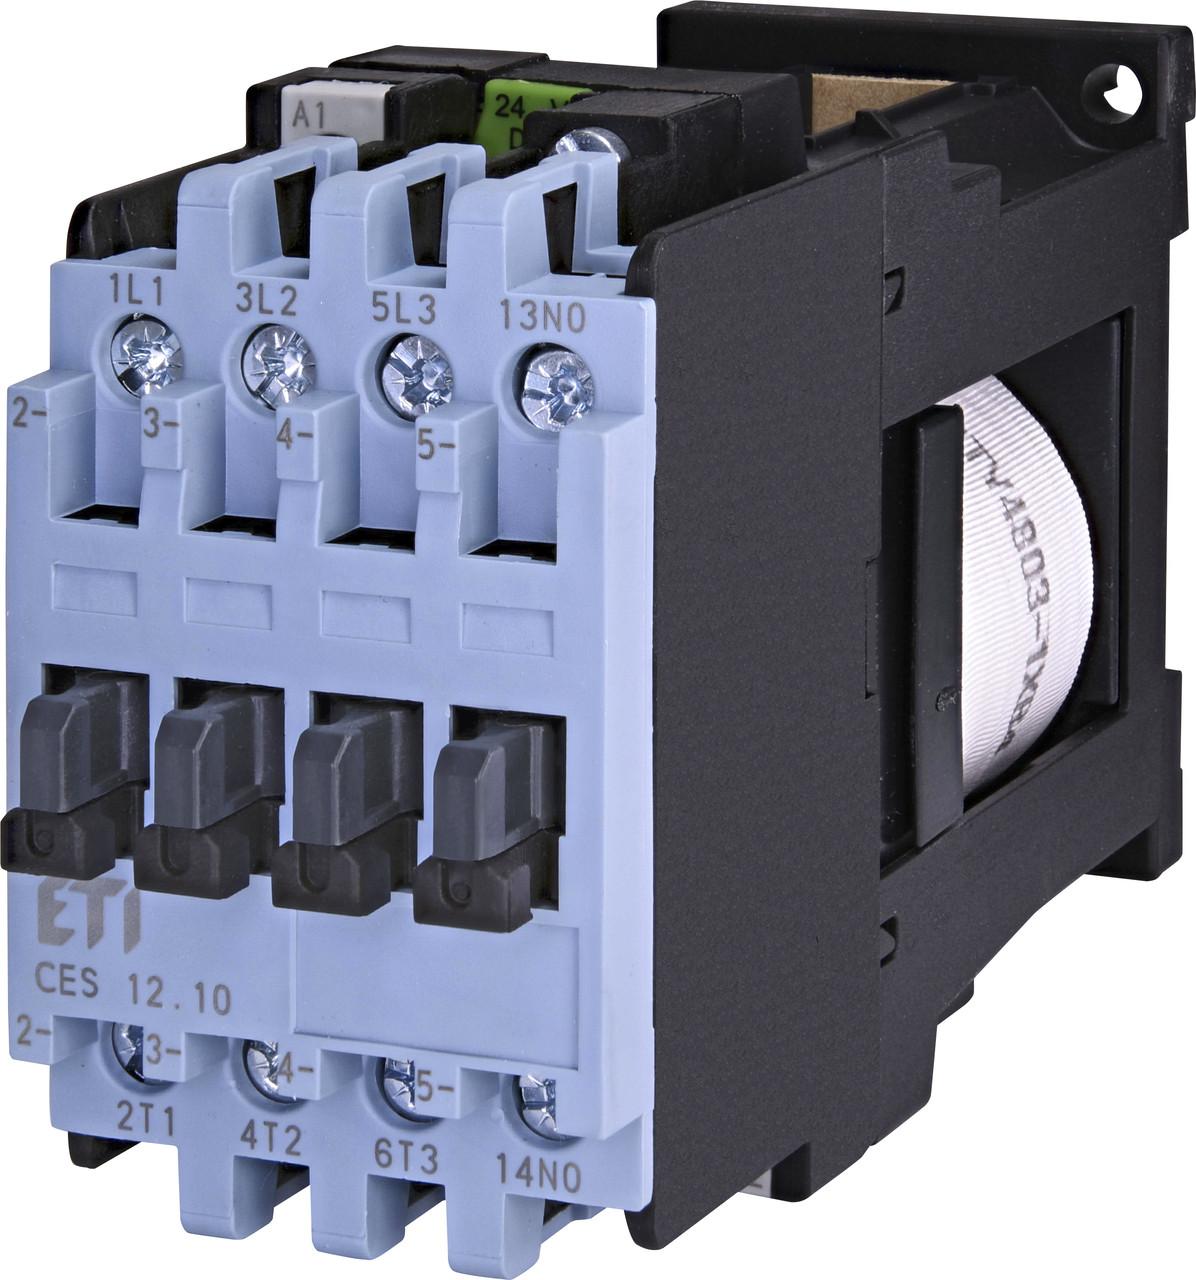 Контактор силовой ETI CES 12.10 12А 24V DC 3NO+1NO 5.5kW 4646524 (на DIN-рейку, 25A AC1, 12A AC3)